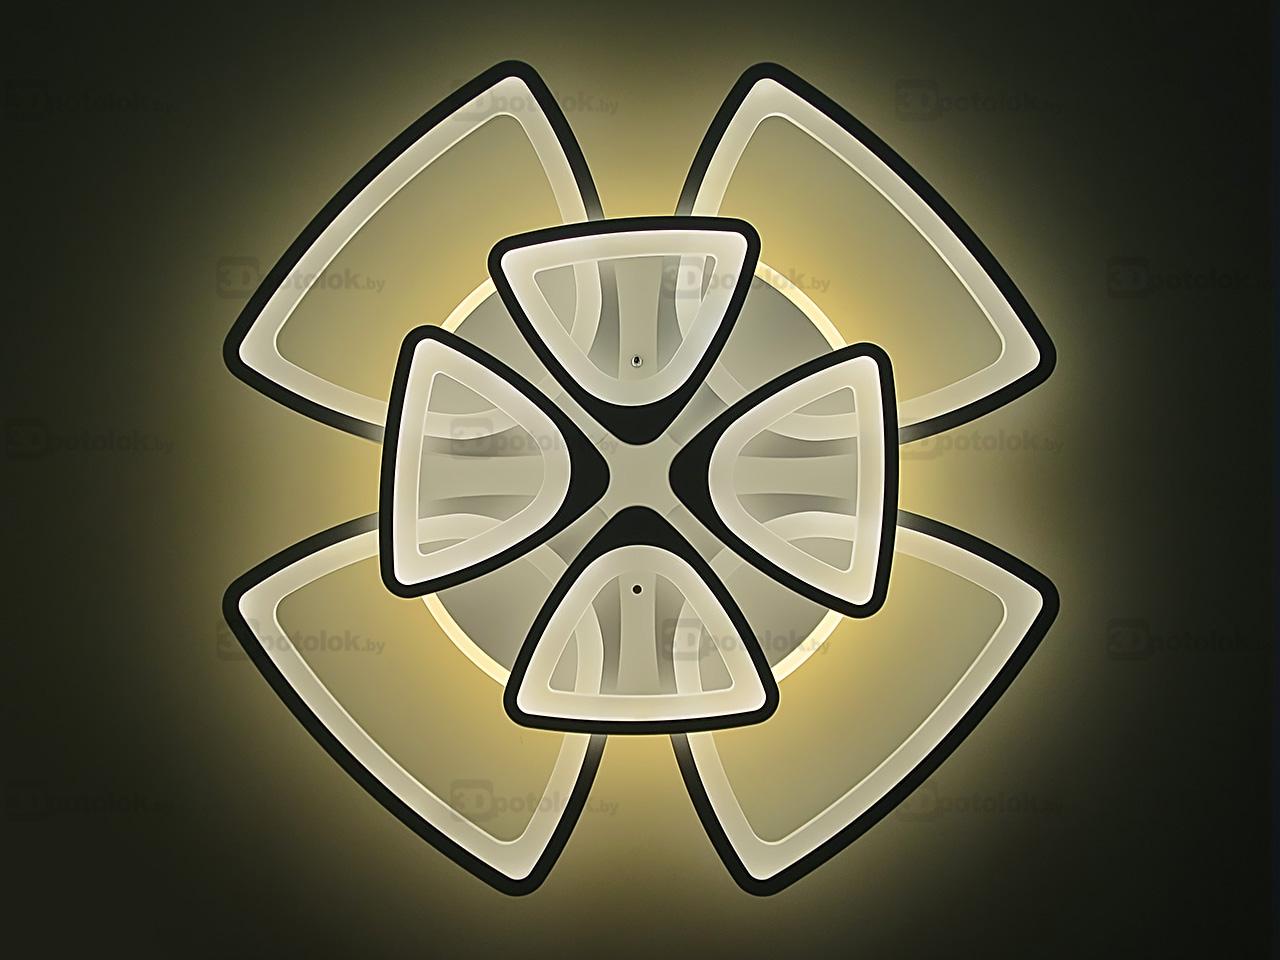 10006_44-WHTBLYL_7_лого